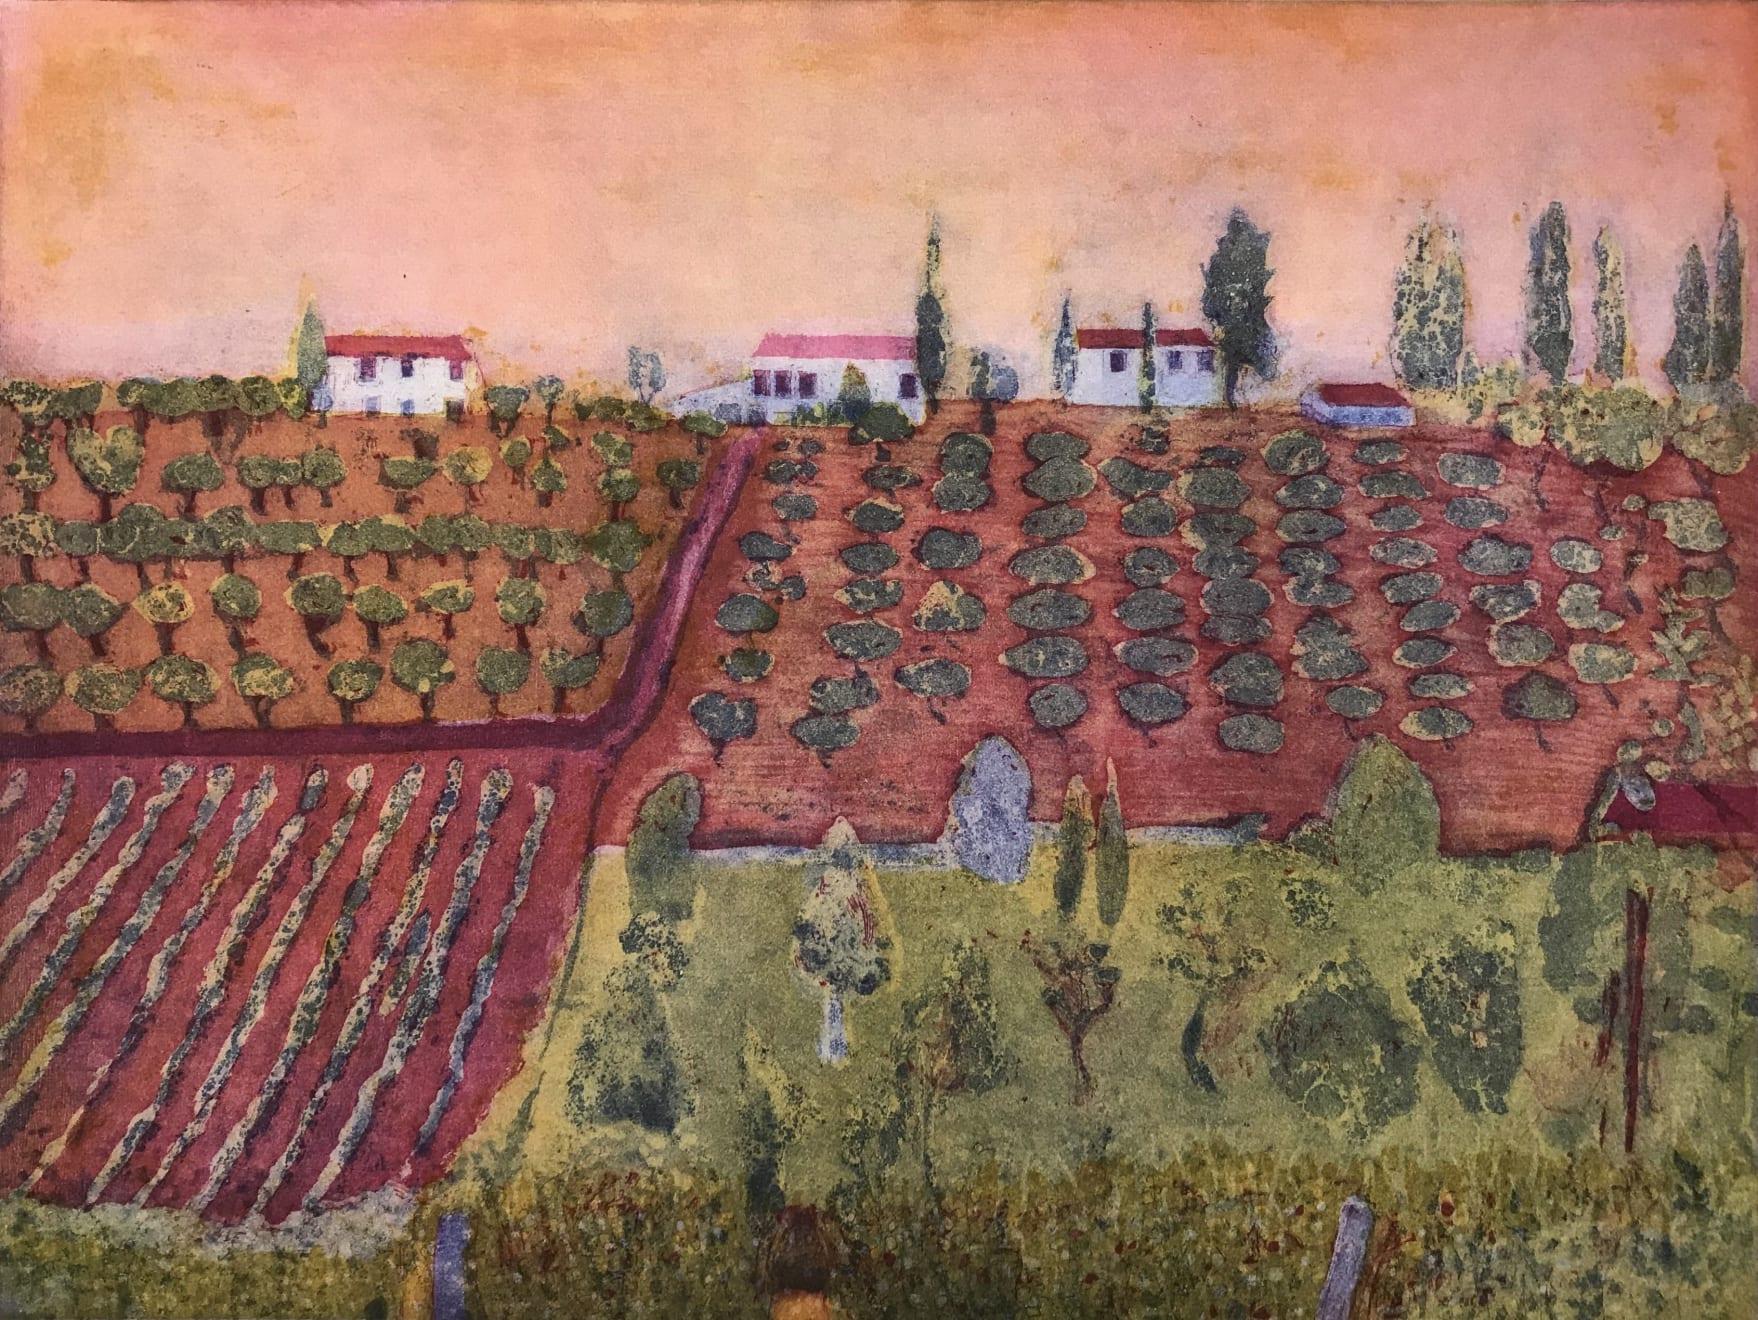 Karen Keogh, Sera Presto, Toscana , 2020